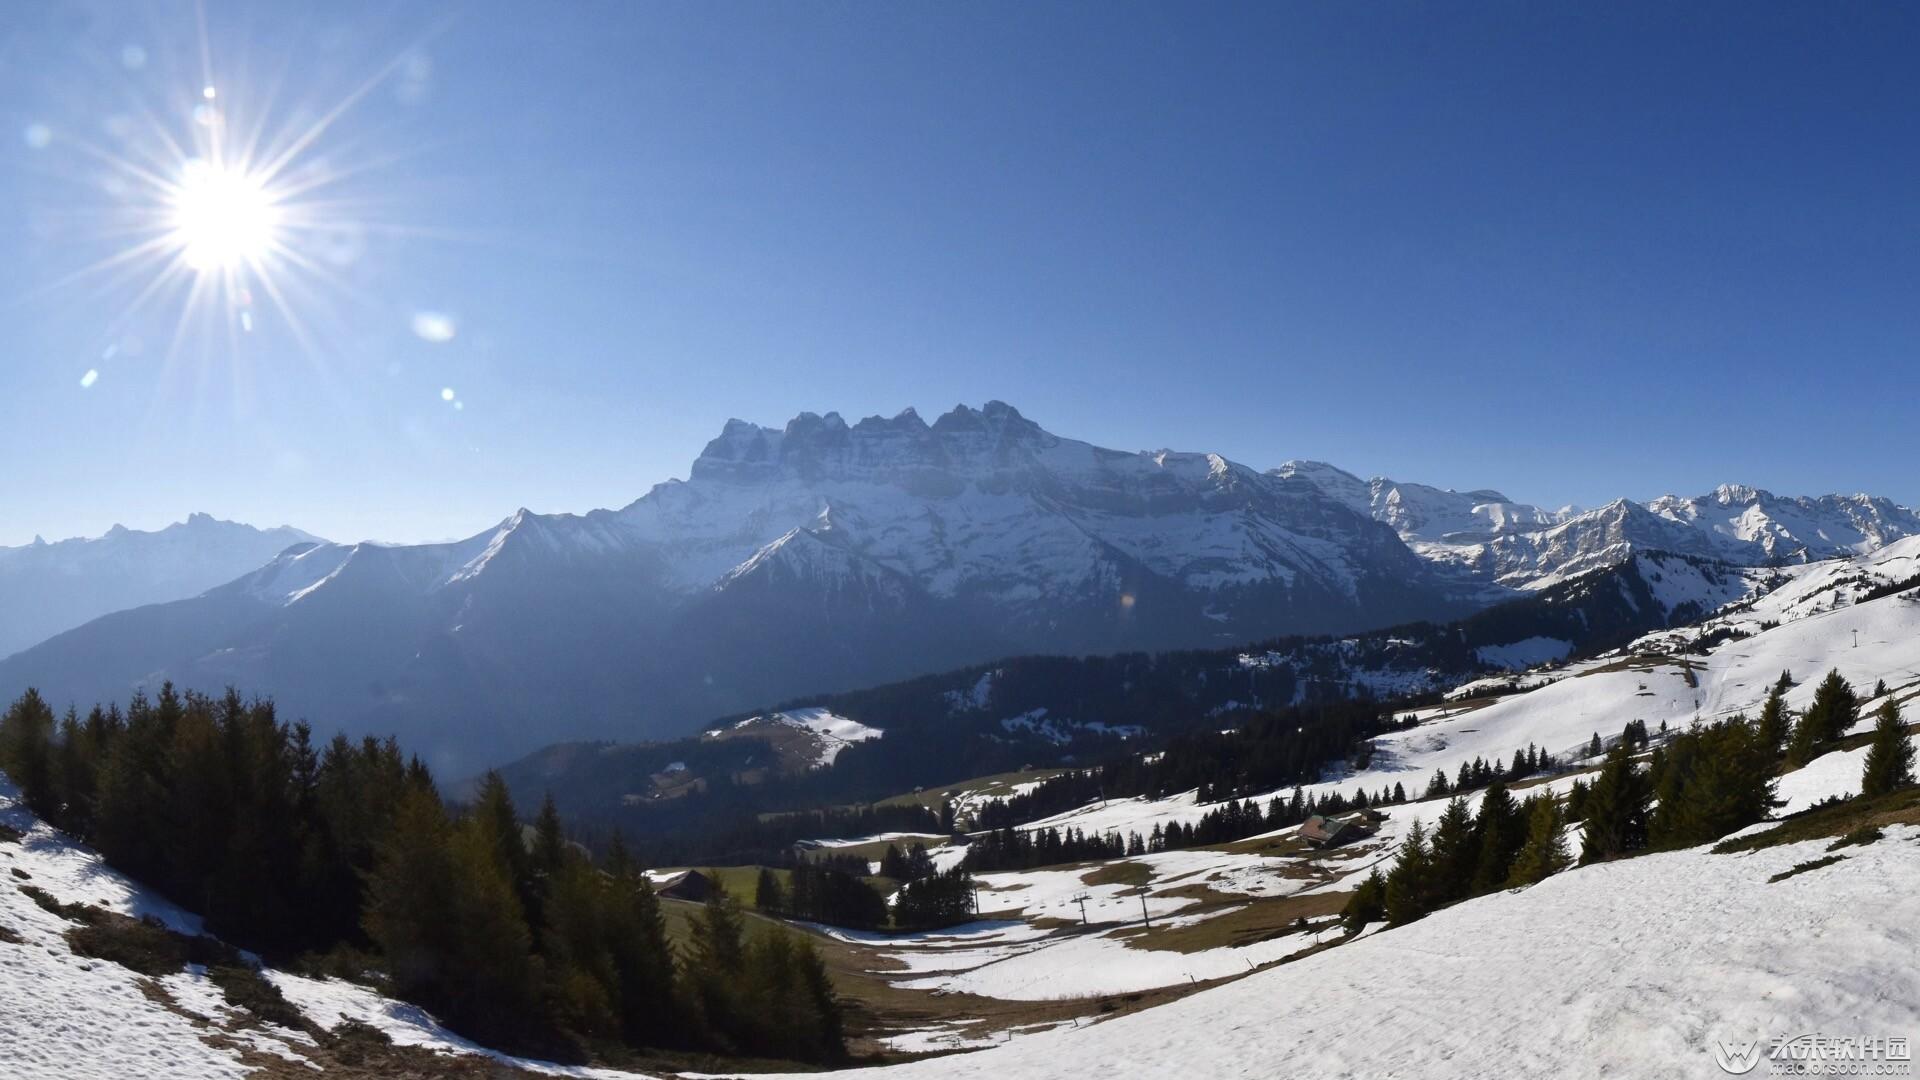 冬季雪景高清动态壁纸